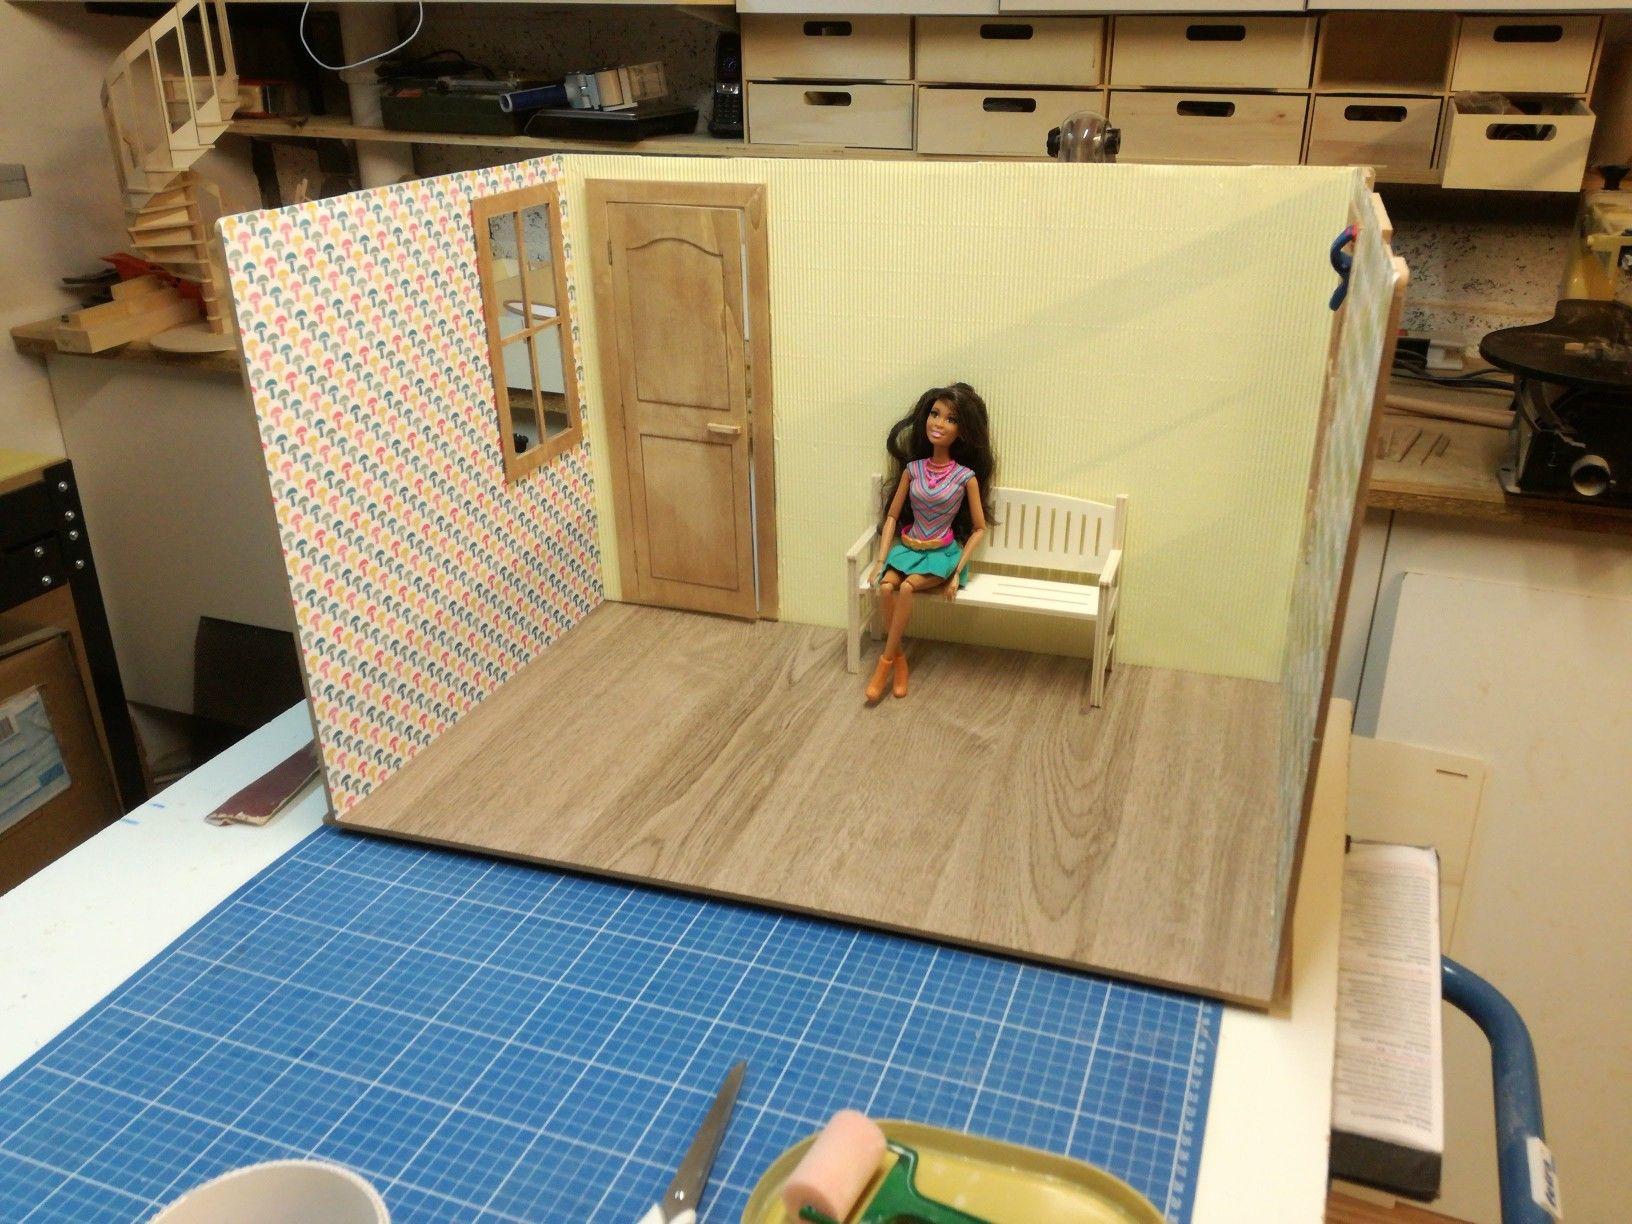 Module Diorama Empilable Minicrea Meubles Et Maisons Miniatures Realises A Partir De Kit Minicrea Fabrique En France Maison Barbie Maison De Poupee Kit